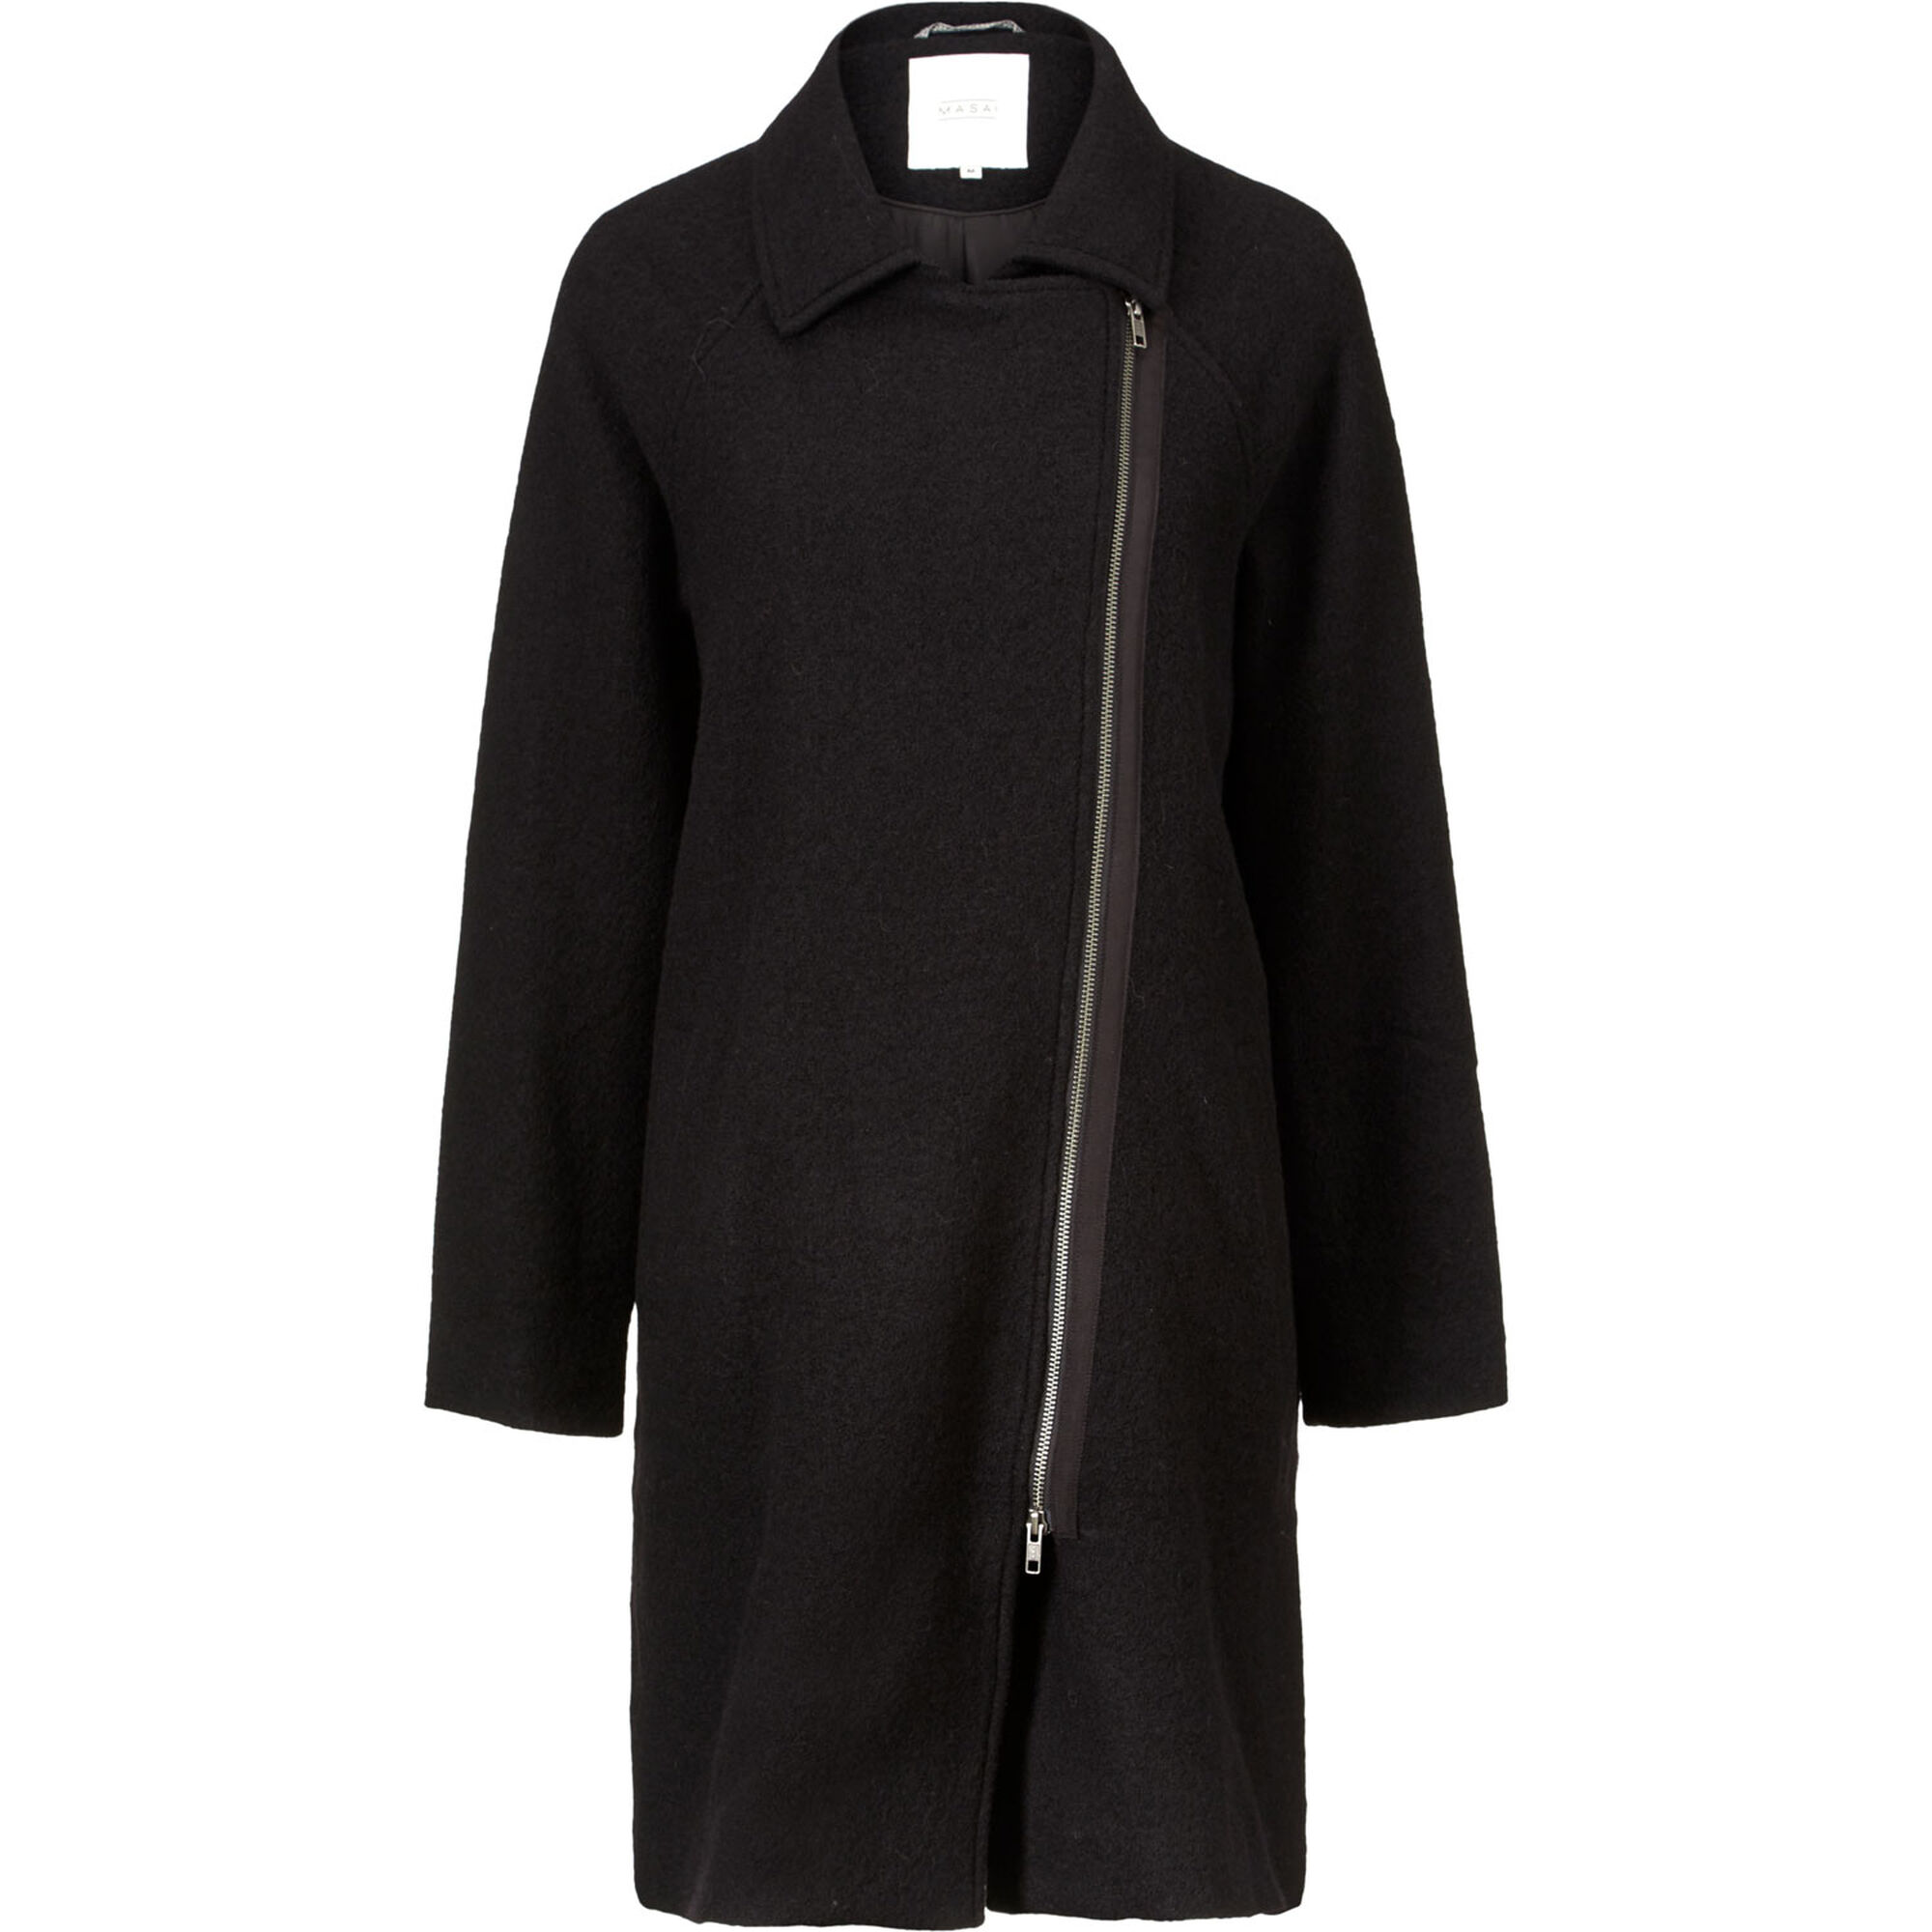 TAYLANA COAT, Black, hi-res